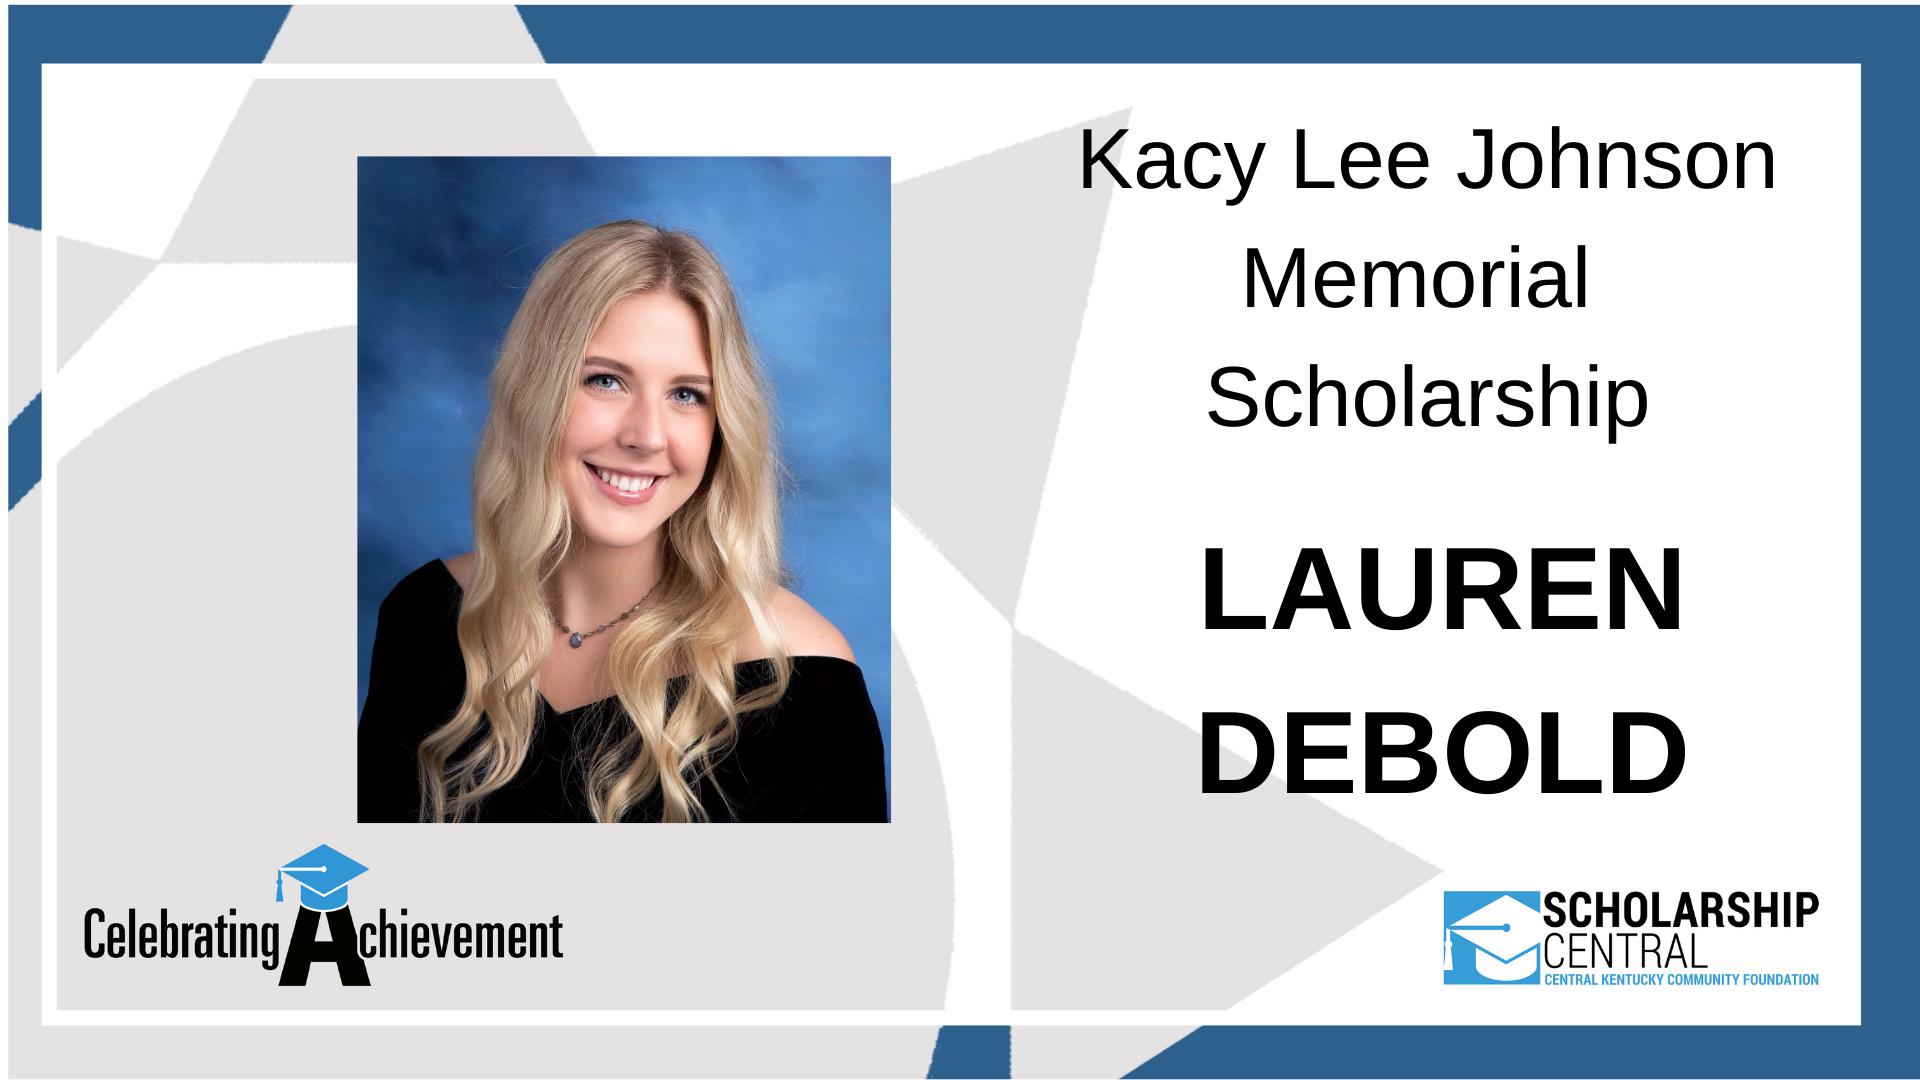 Kacy Lee Johnson Memorial Scholarship Winner